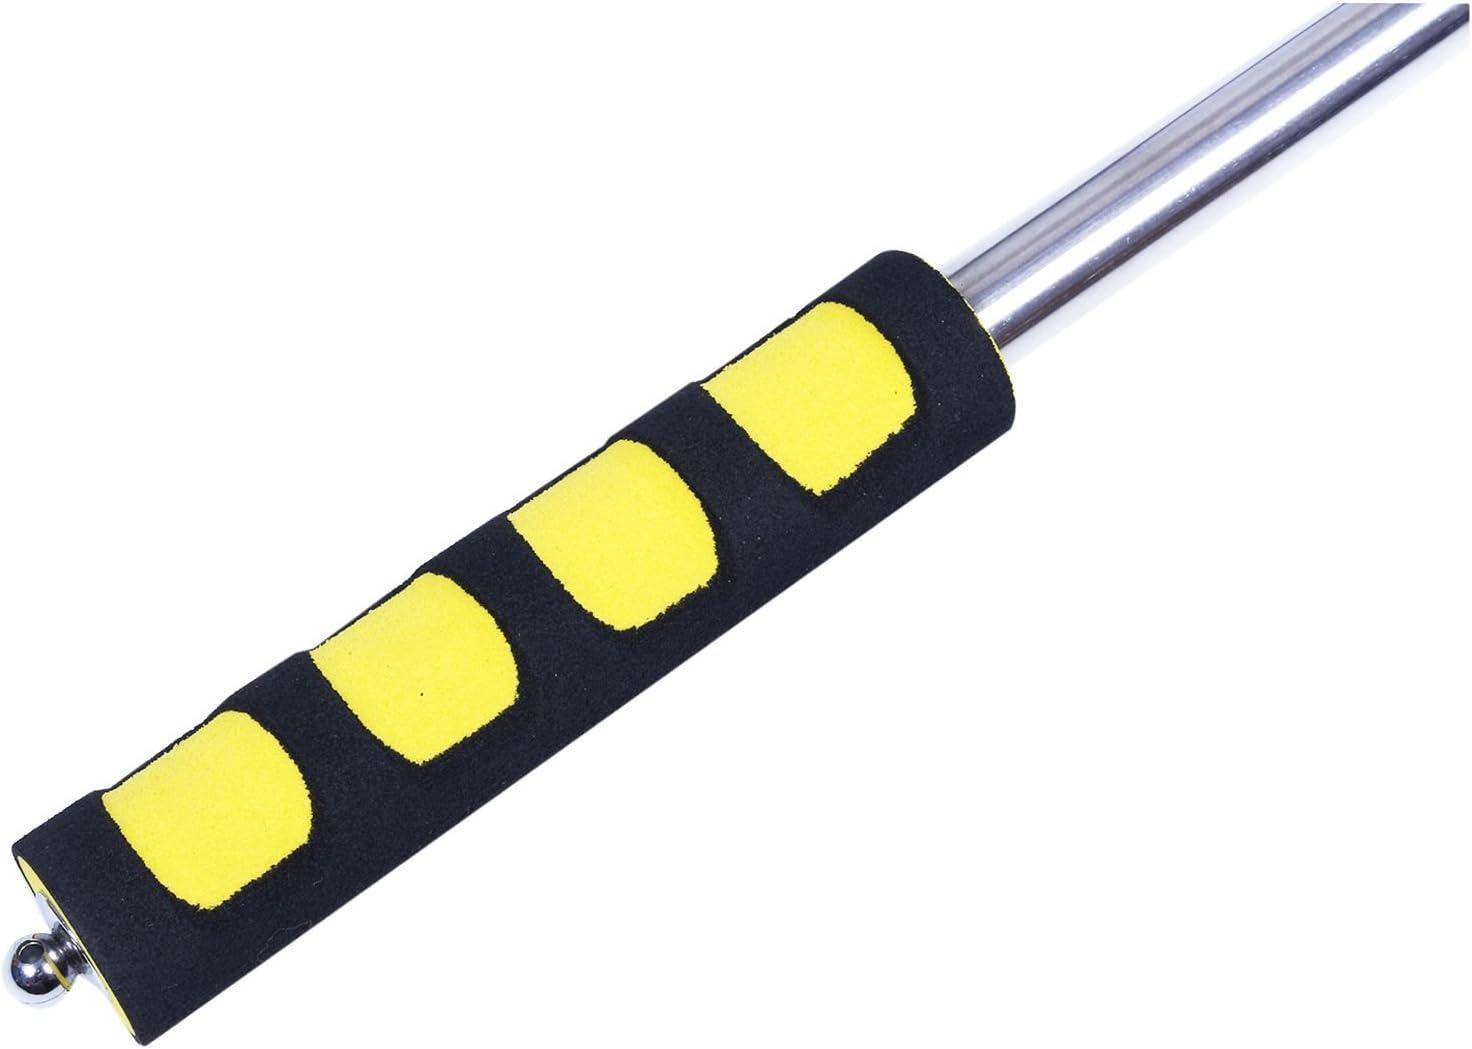 RETYLY M/ástil telesc/ópico port/átil extensible para banderas y calcetines de viento 2 m